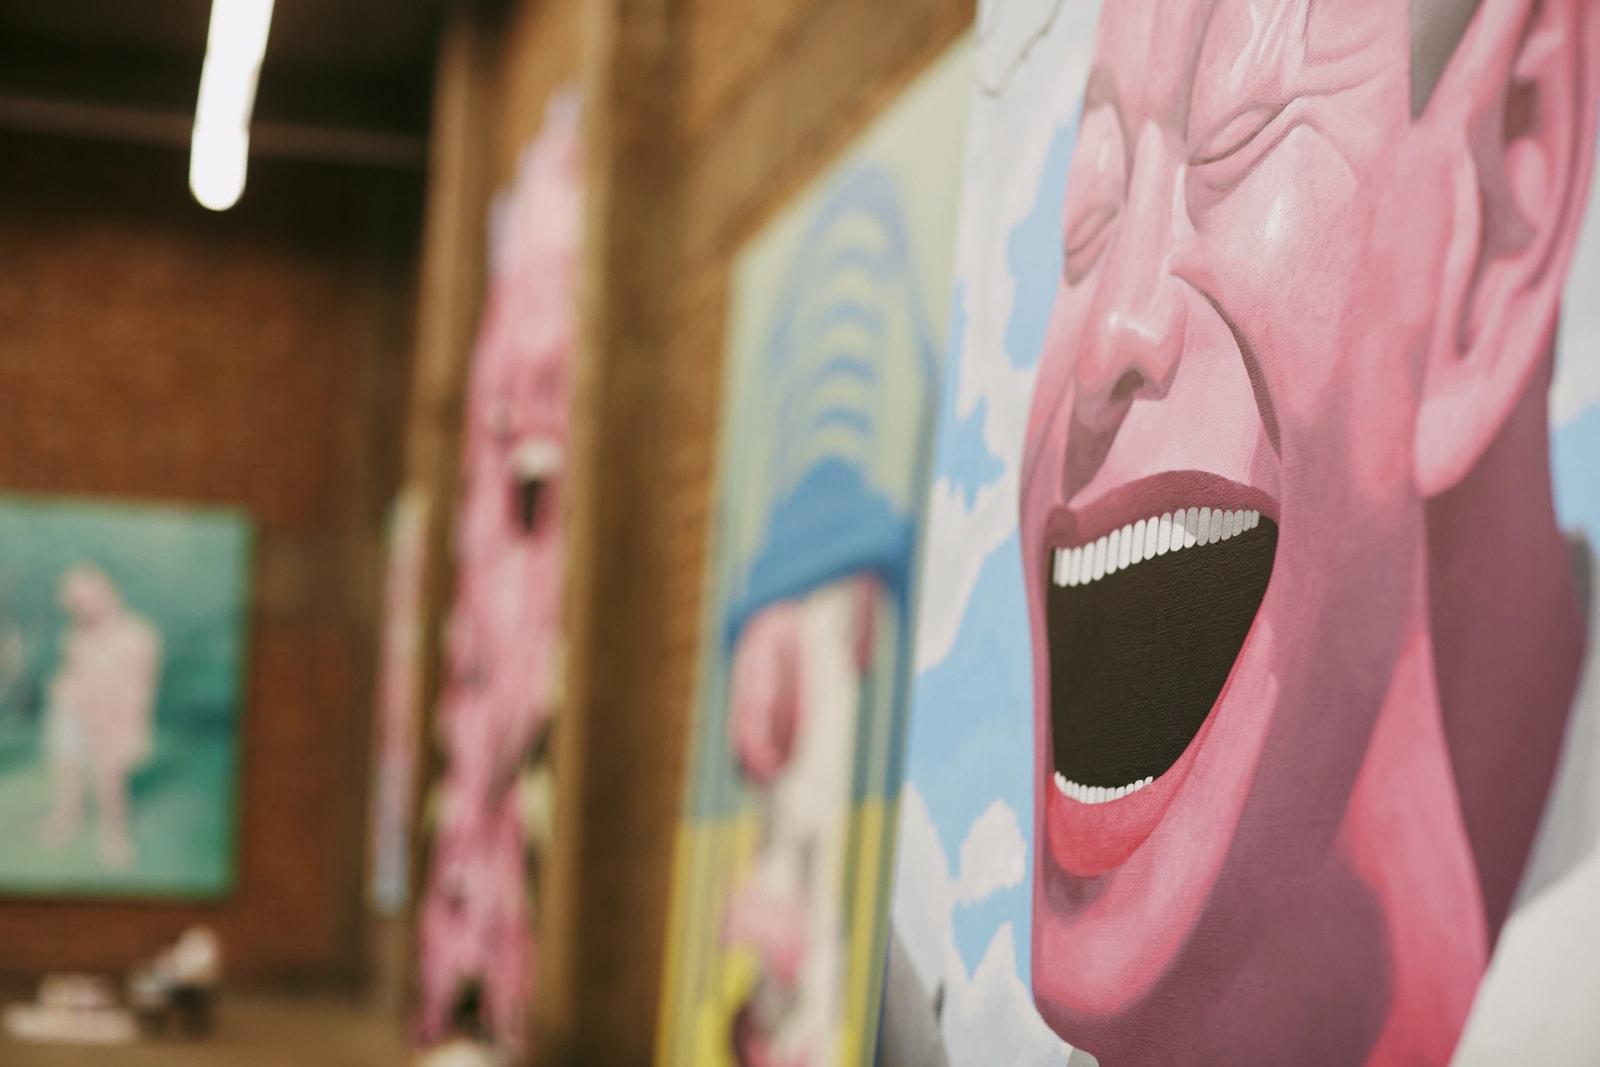 岳敏君:CdG 合作、时代情绪与大笑思考